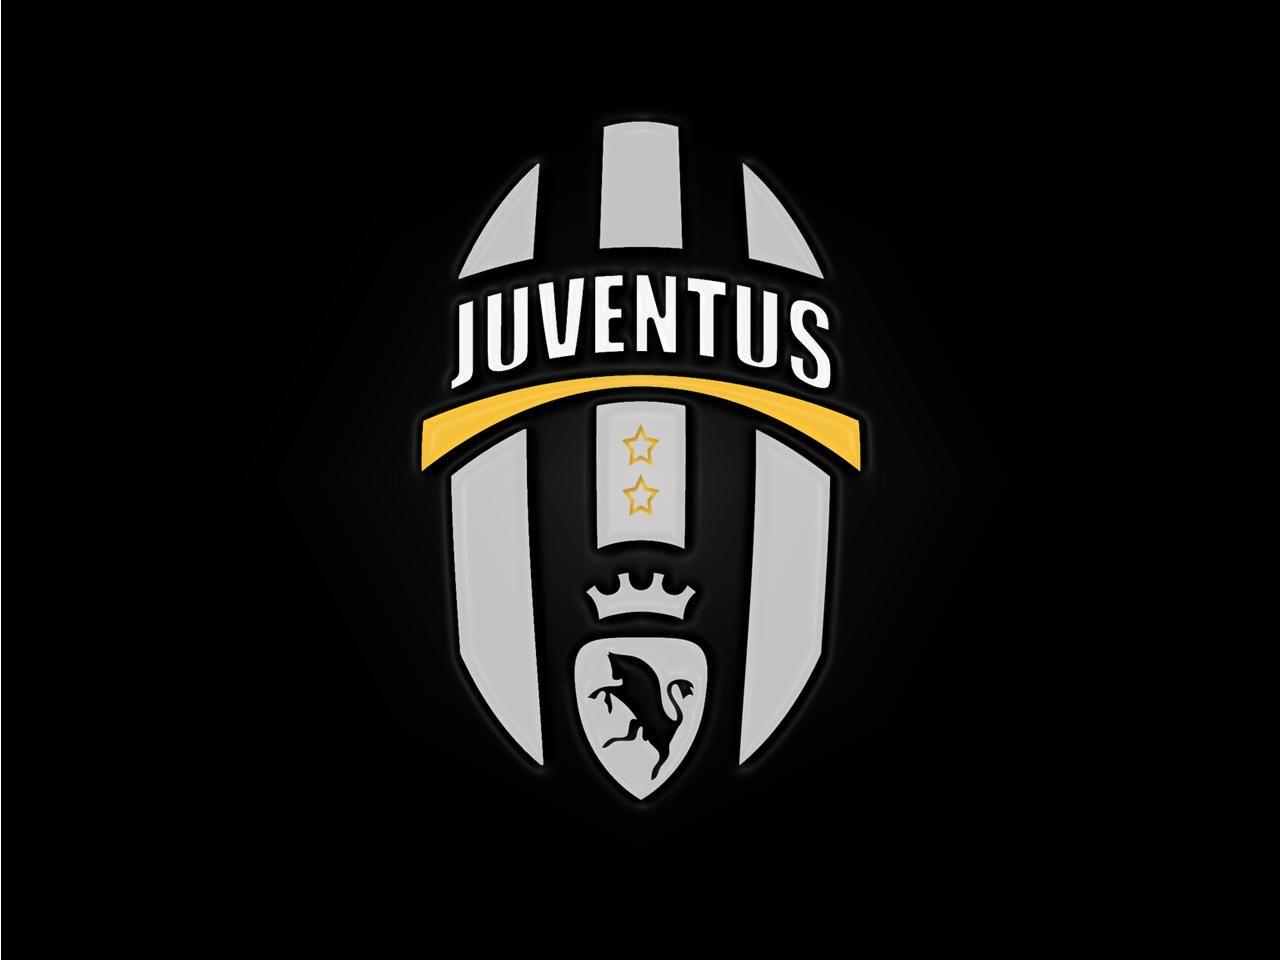 Juventus Logo | Juventus | Pinterest | Juventus logo and Logos